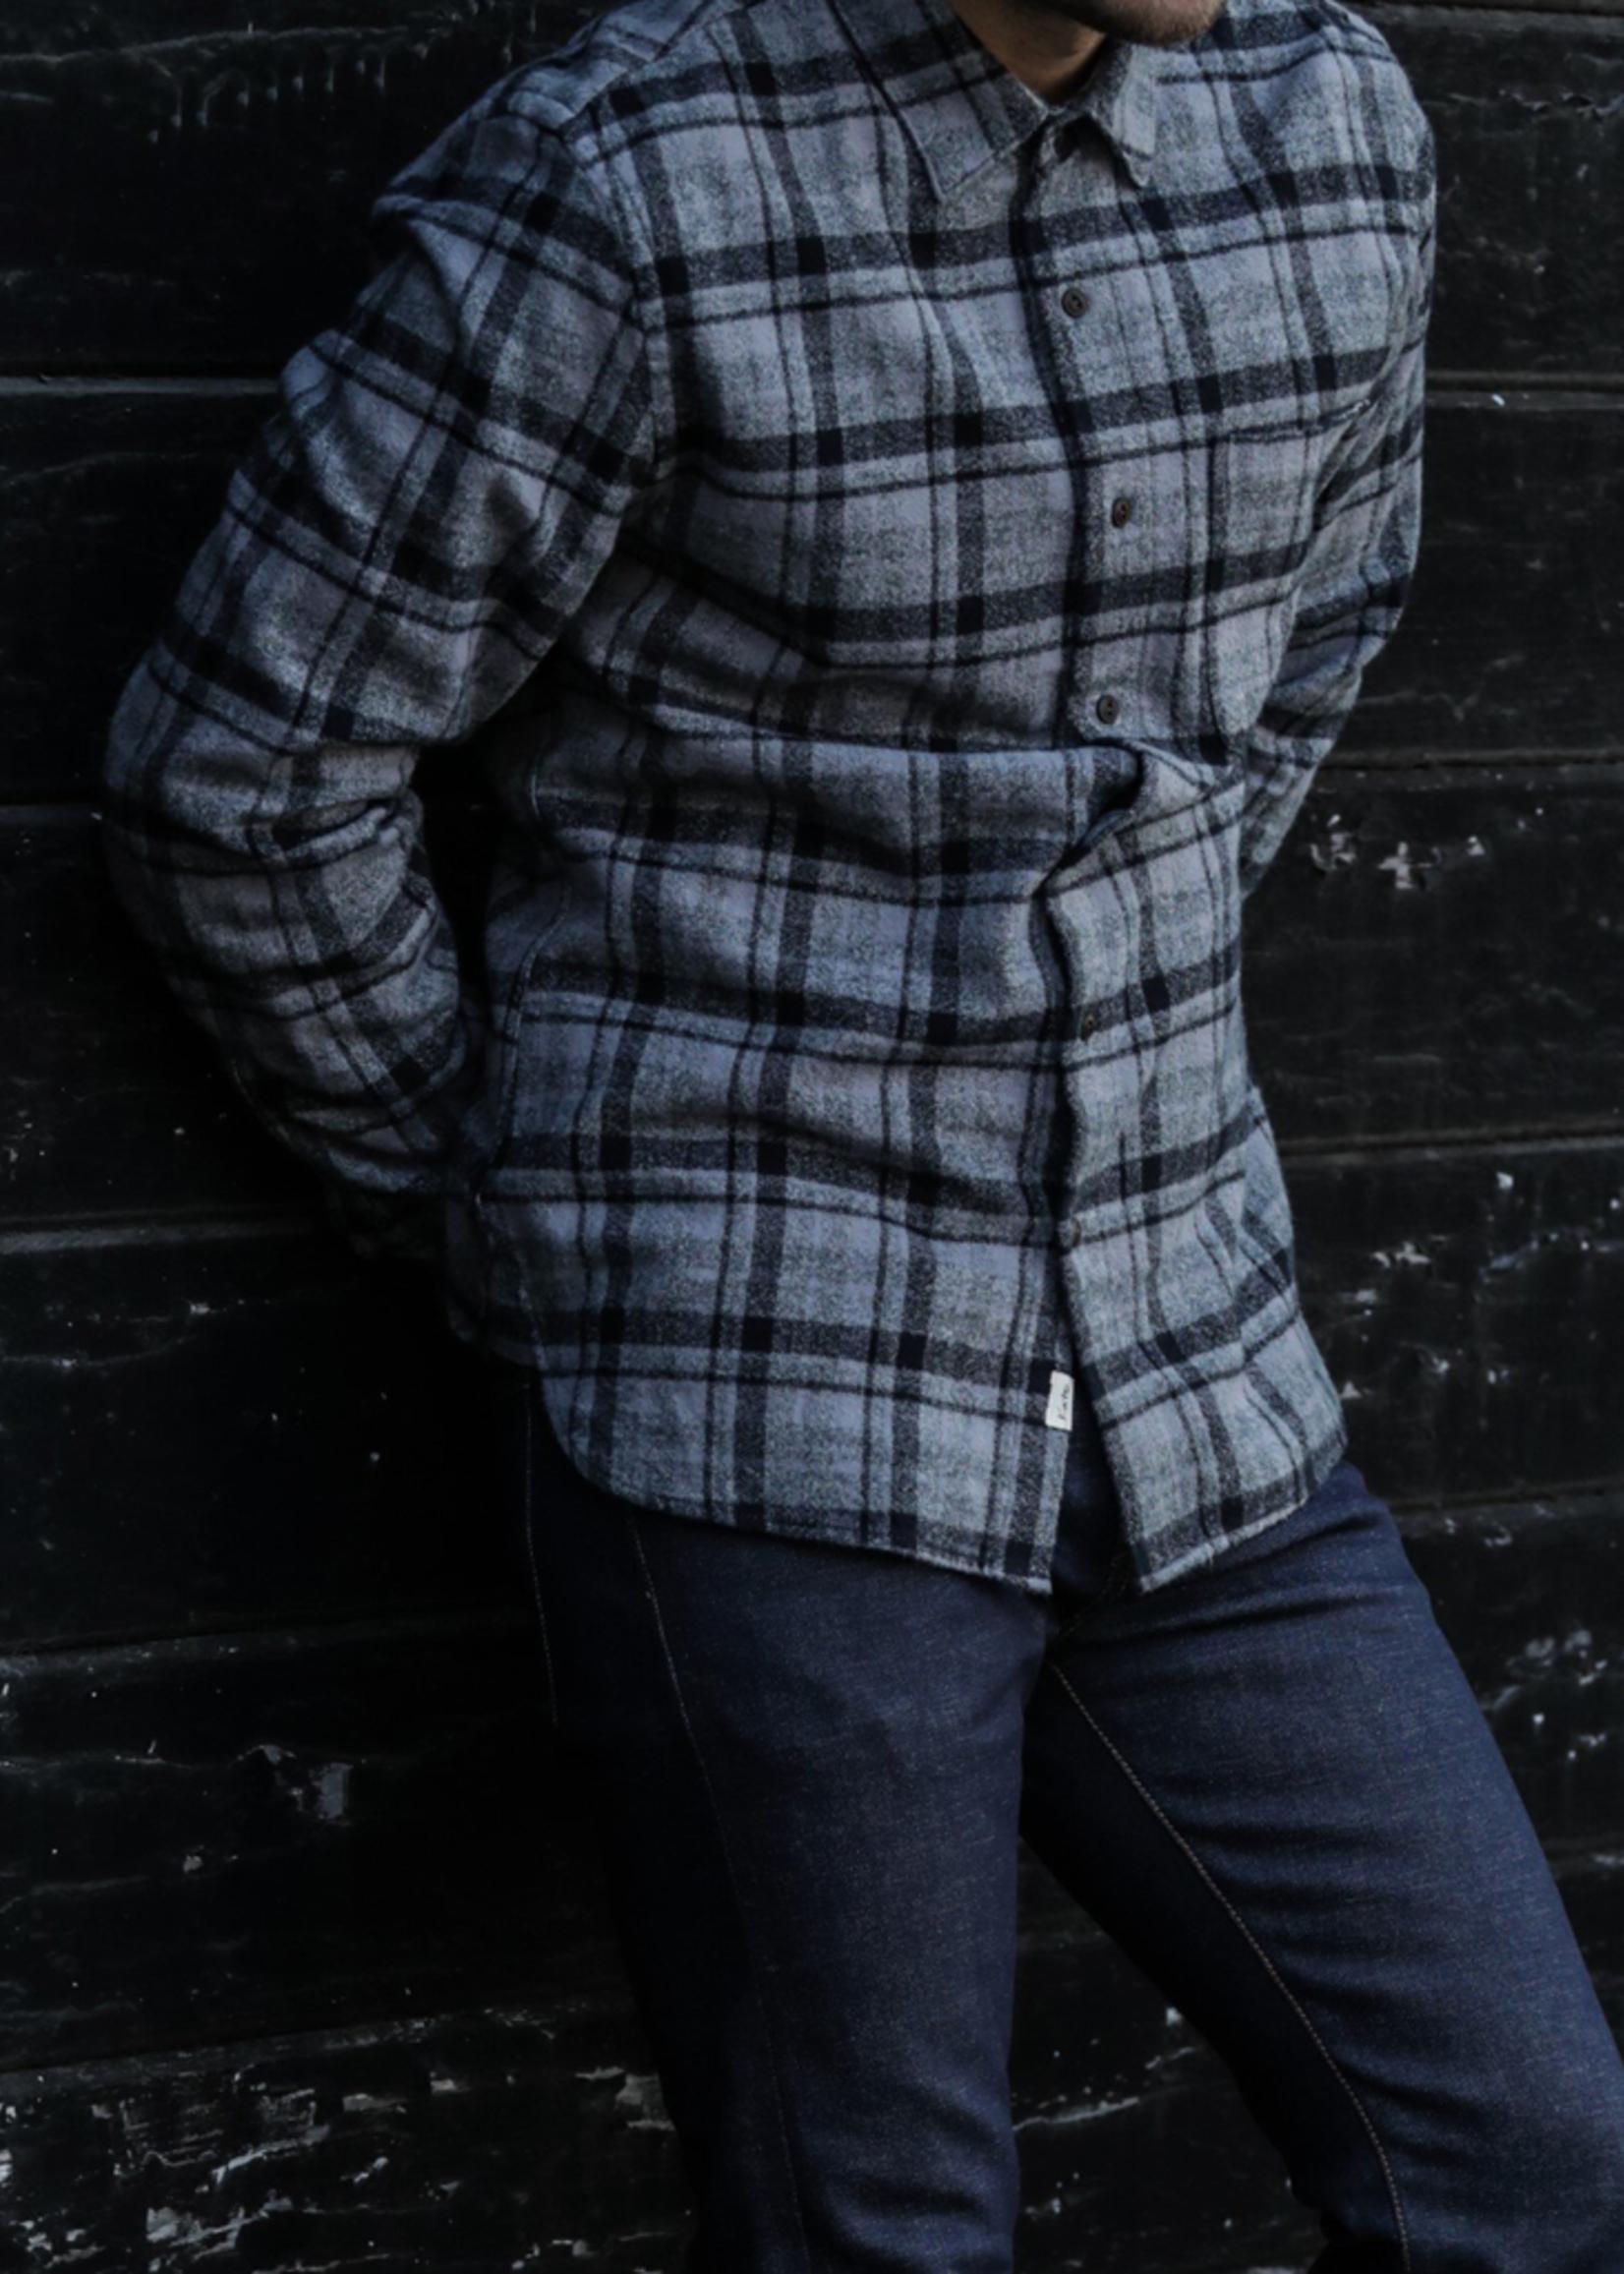 Kato  Kato Ripper Shirt Dark Gray Vintage Plaid